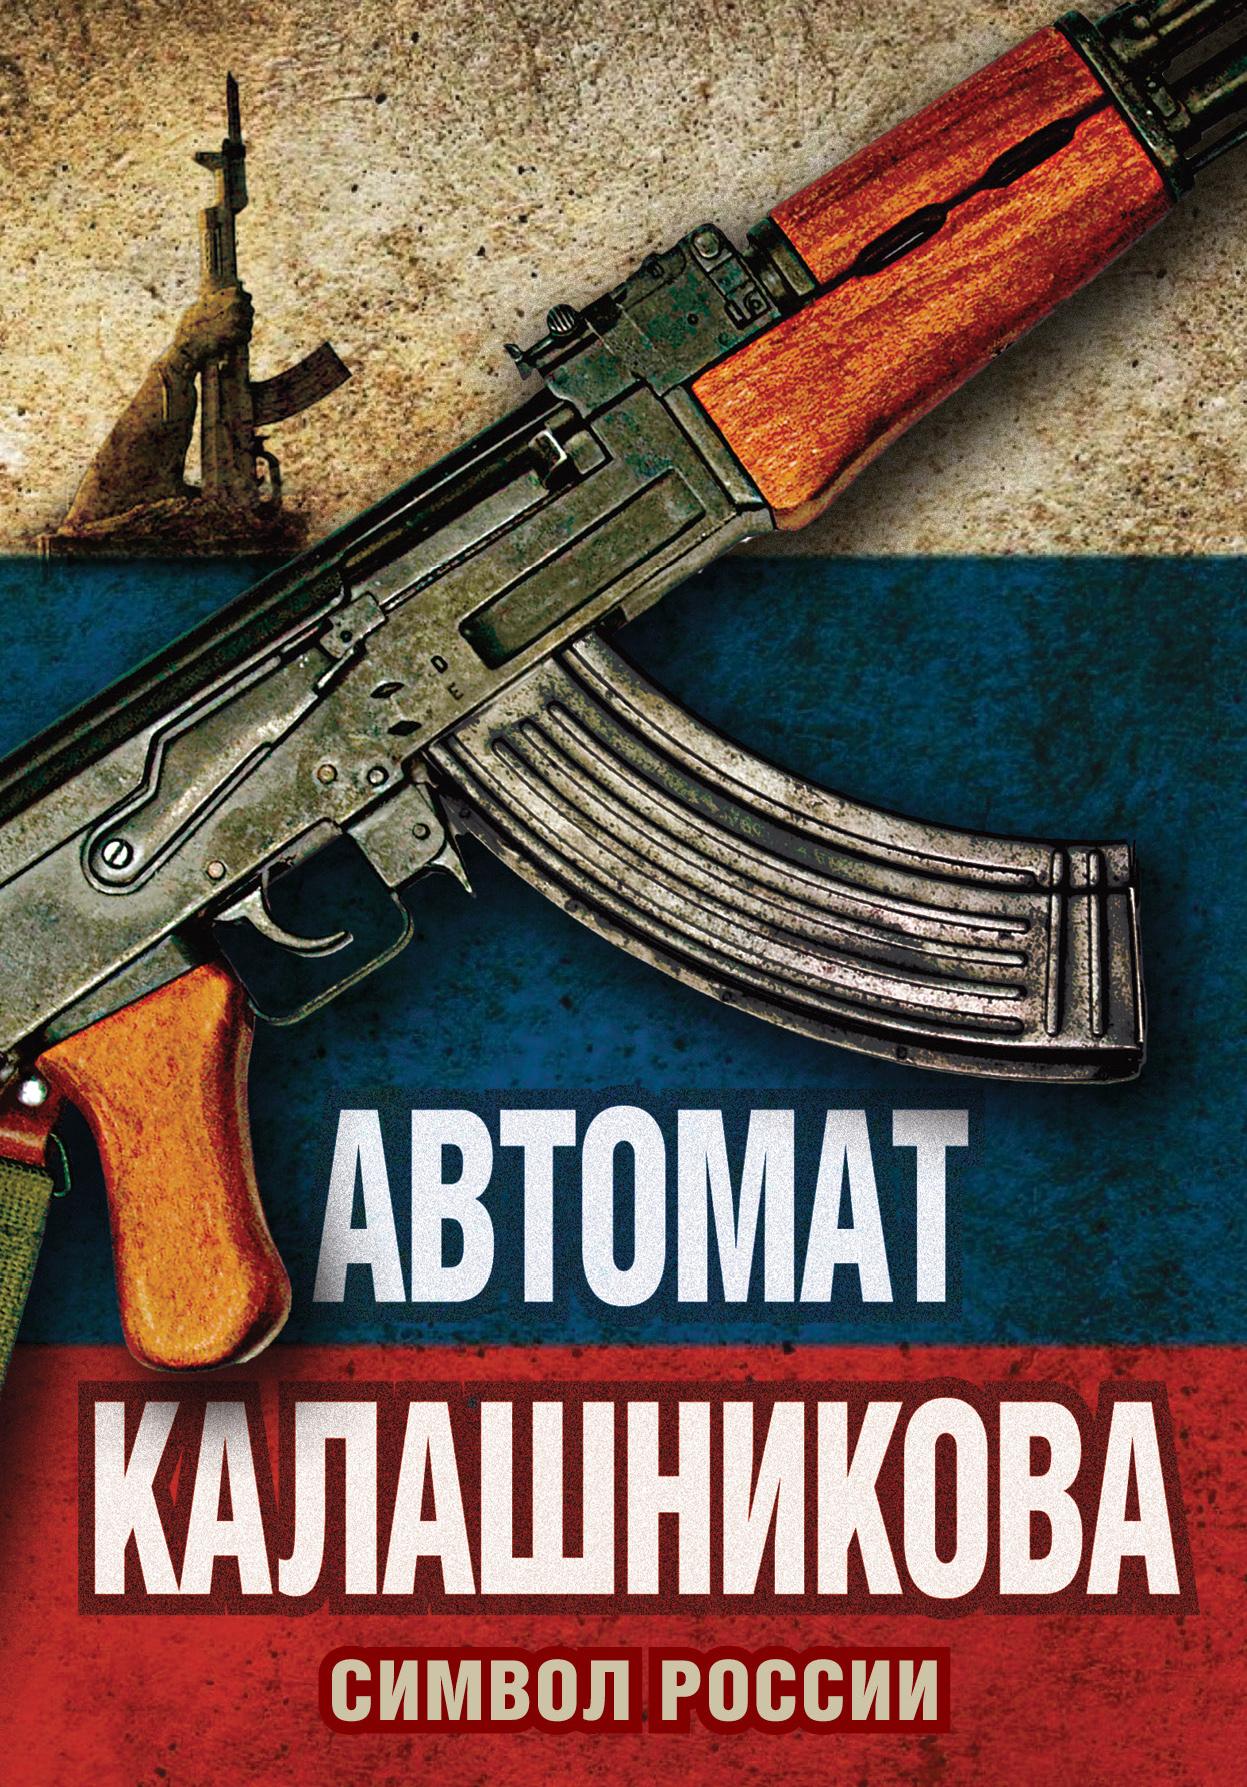 Автомат Калашникова. Символ России /Елизавета Бута